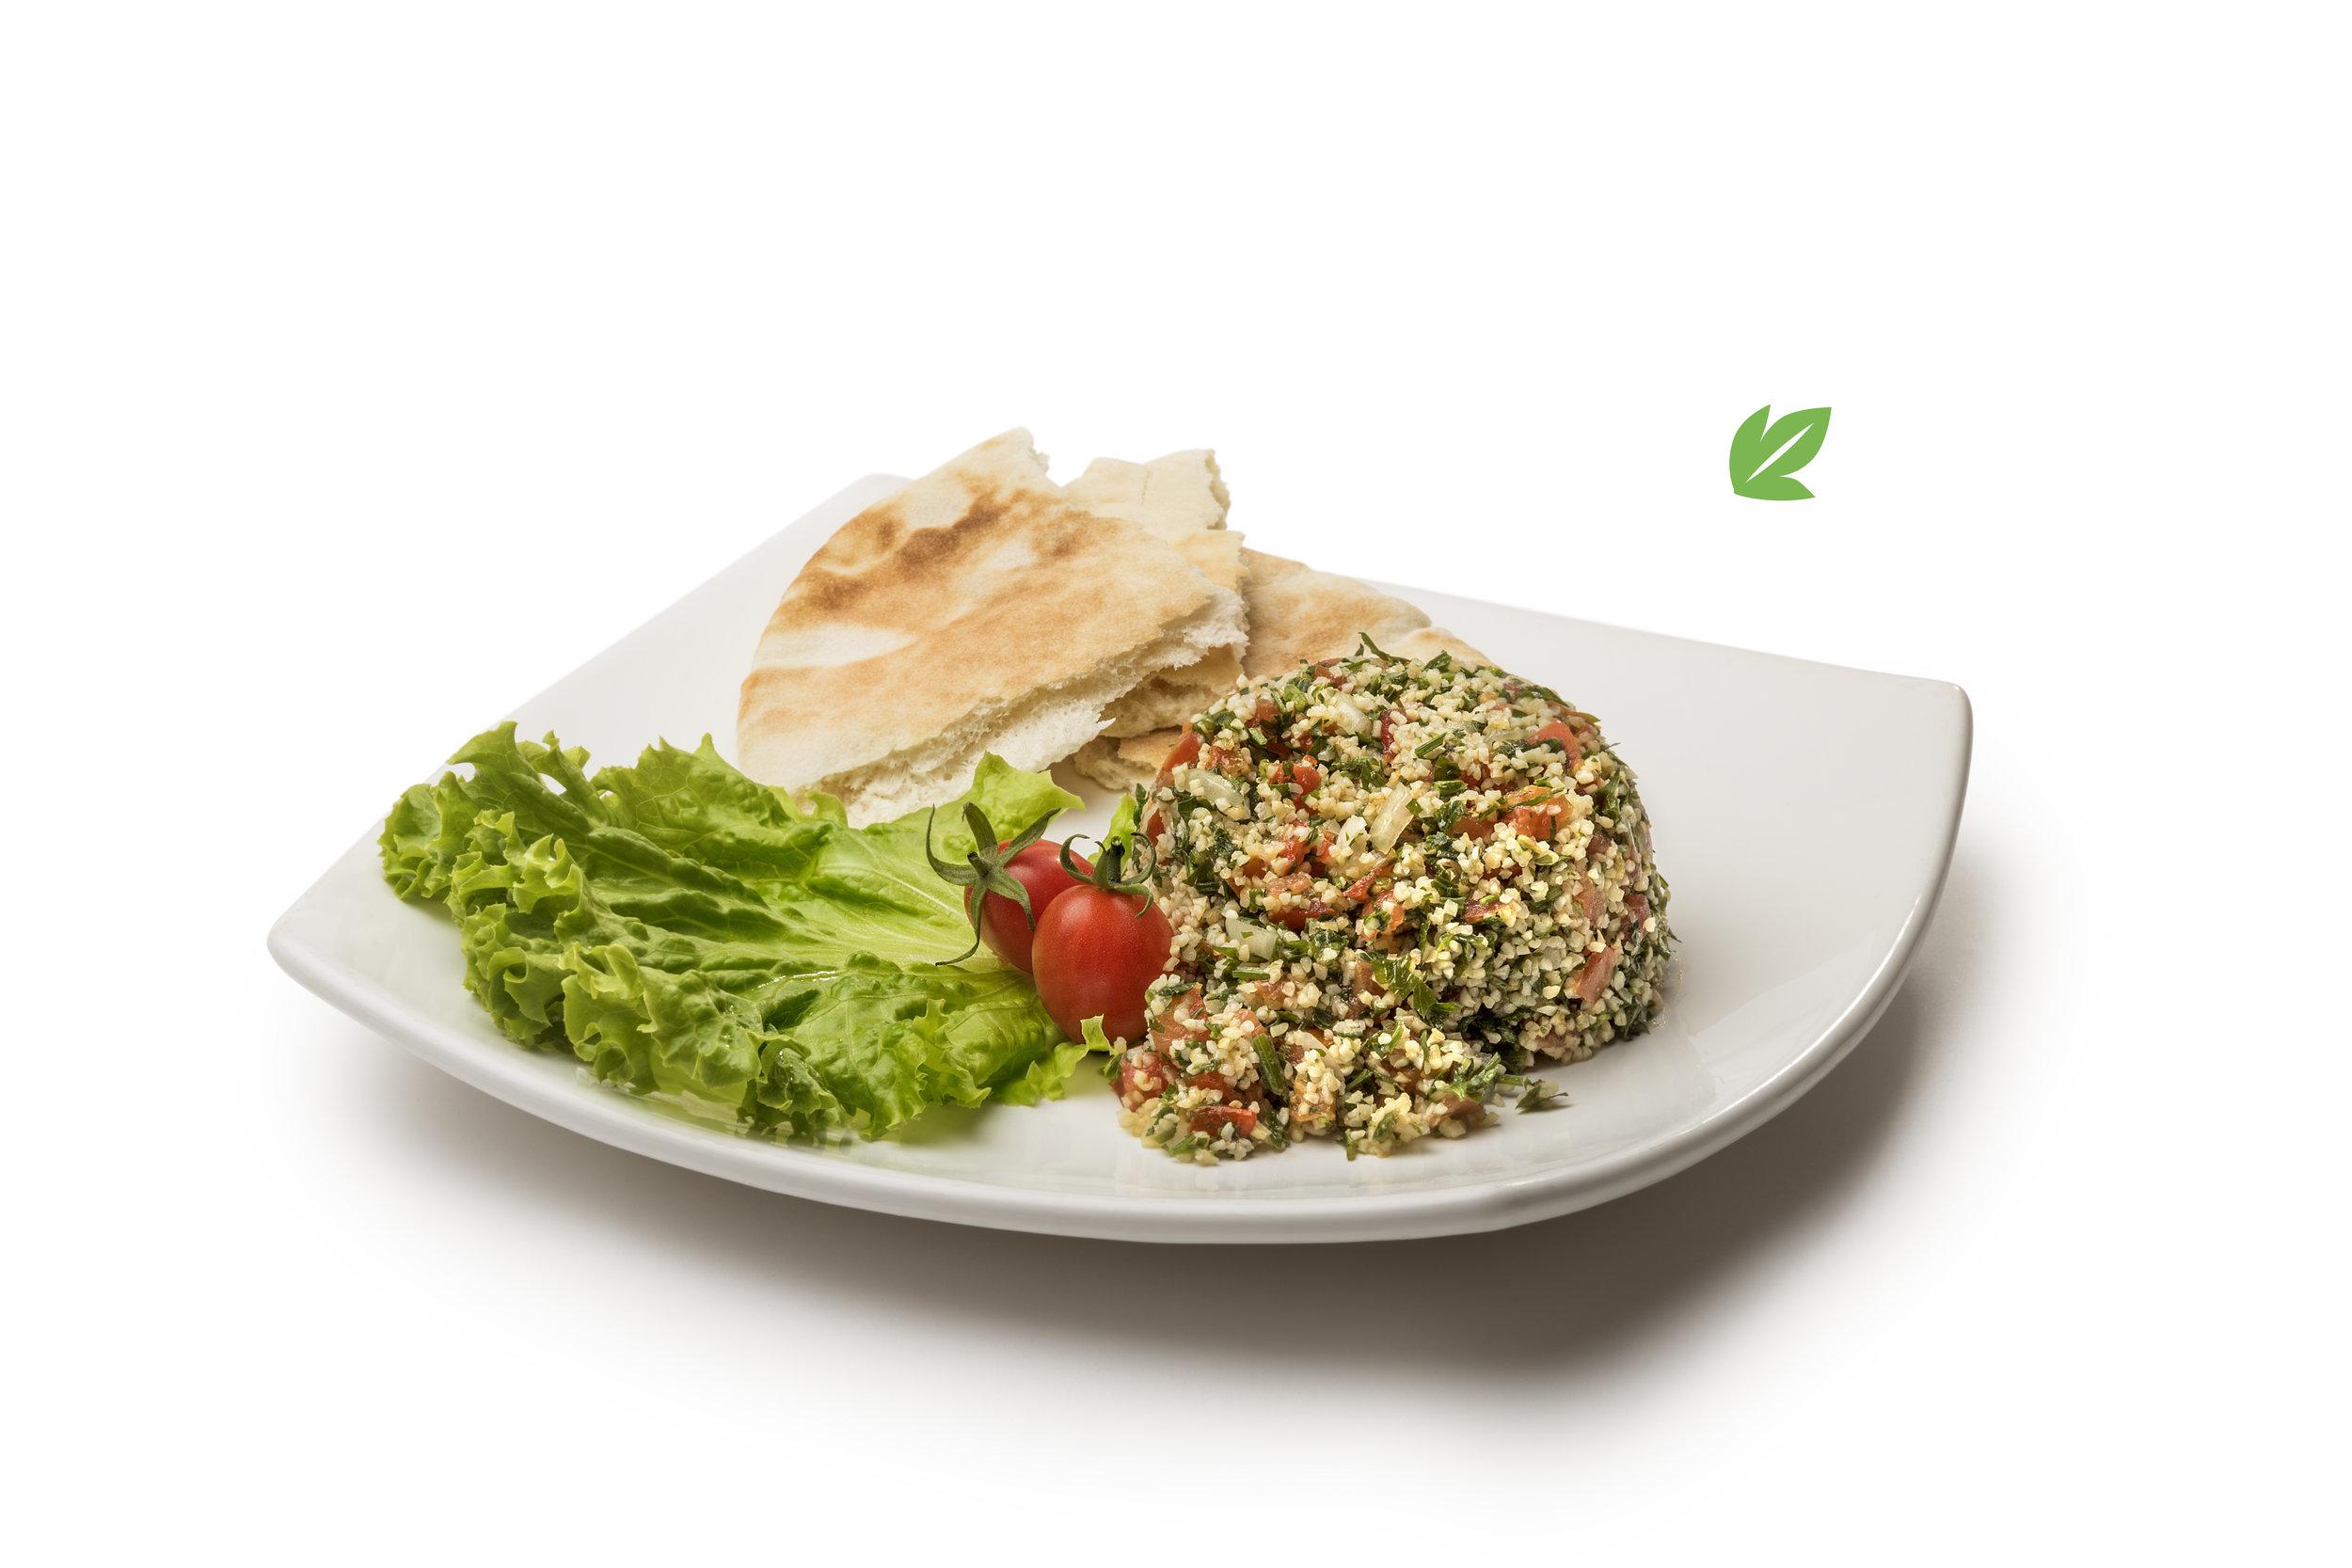 platos con -3-01.jpg